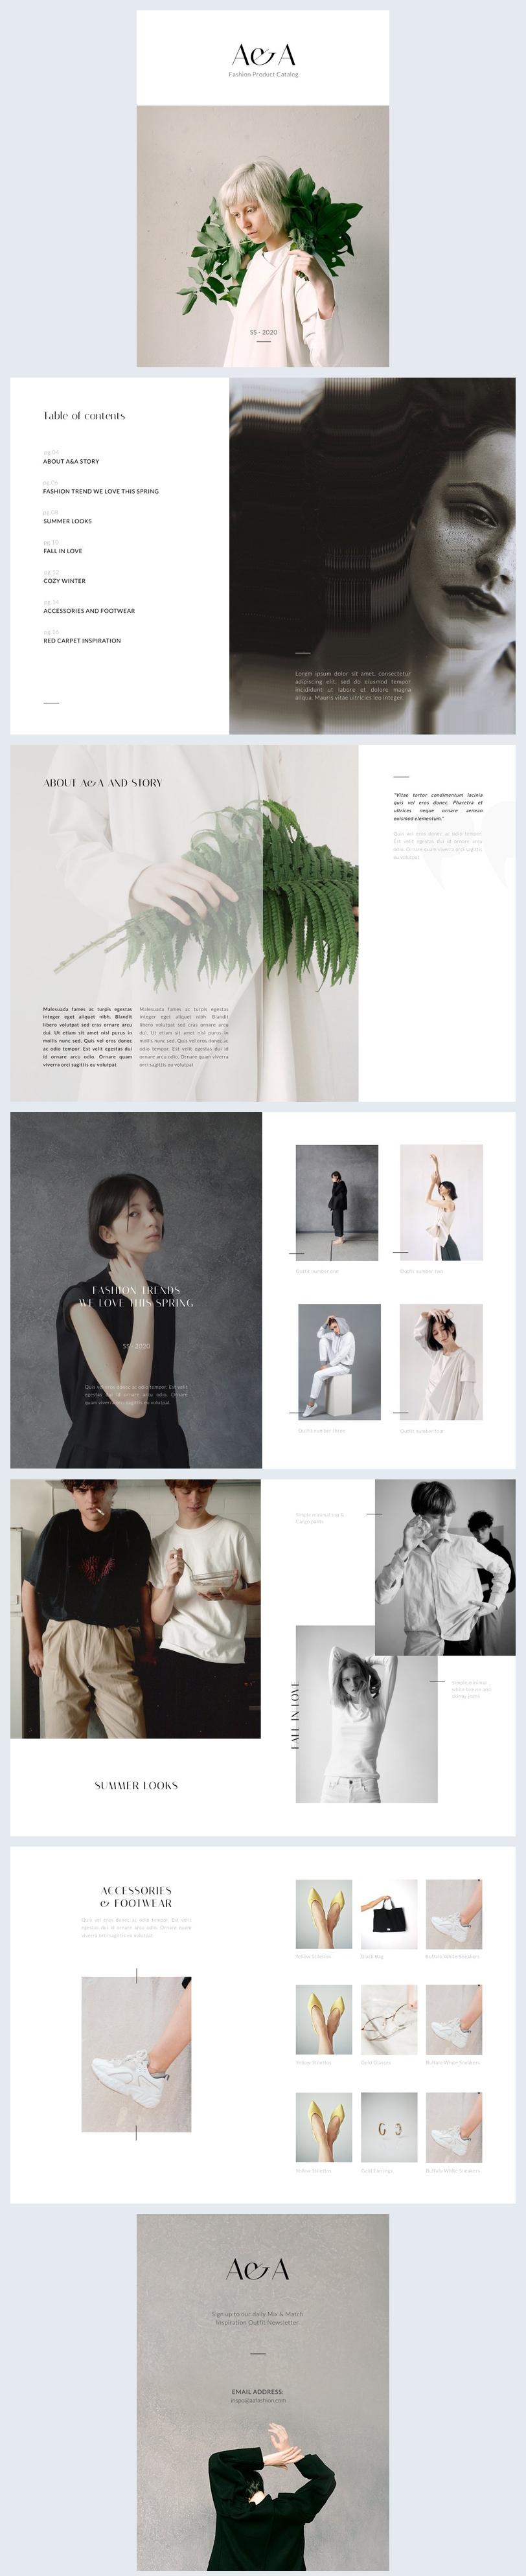 Esempio per catalogo prodotti di moda